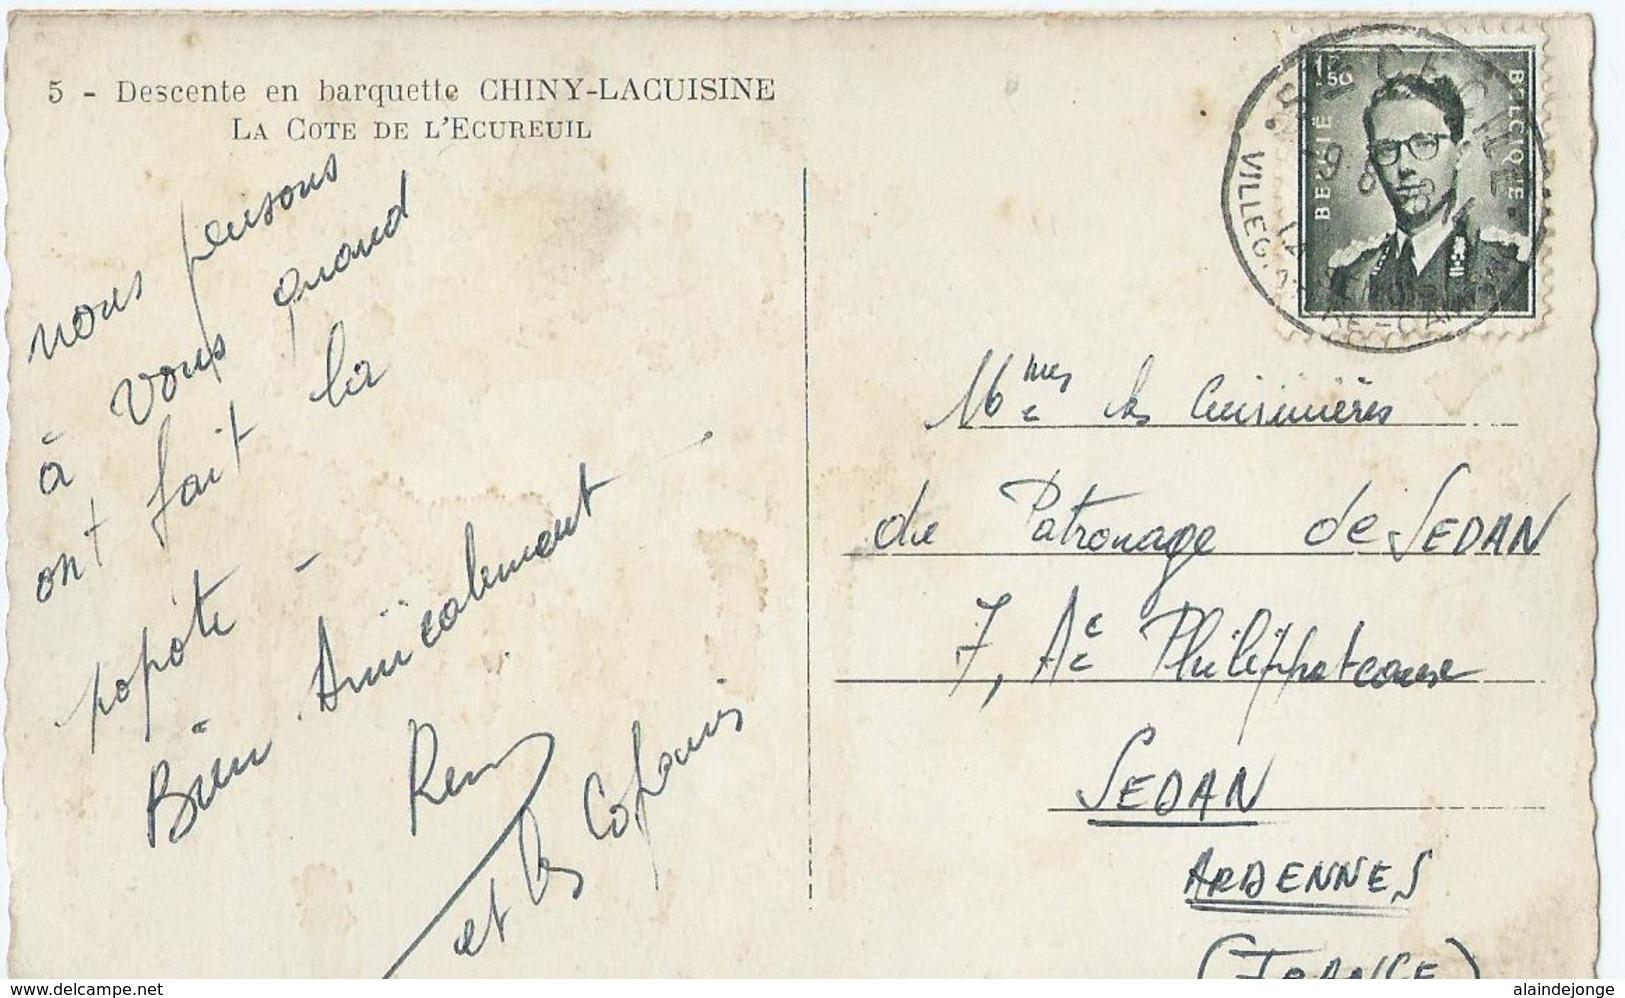 Chiny - 5 - Chiny-Lacuisine - Descente En Barquette - La Cote De L'Ecureuil - 1958 - Chiny